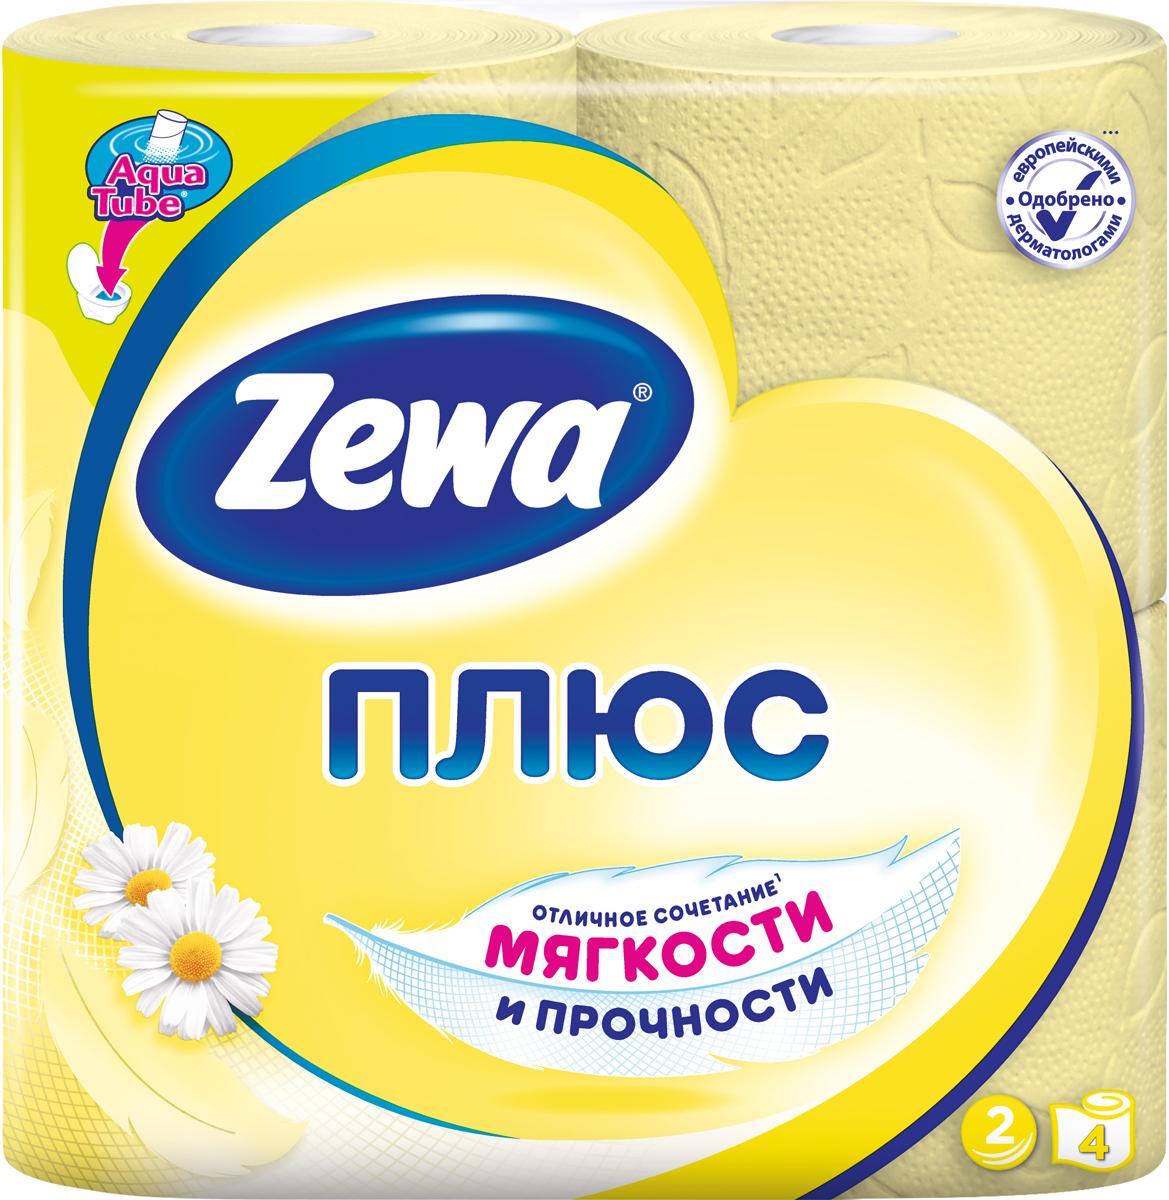 Бумага туалетная Zewa Плюс. Ромашка, 2 слоя, 4 рулона